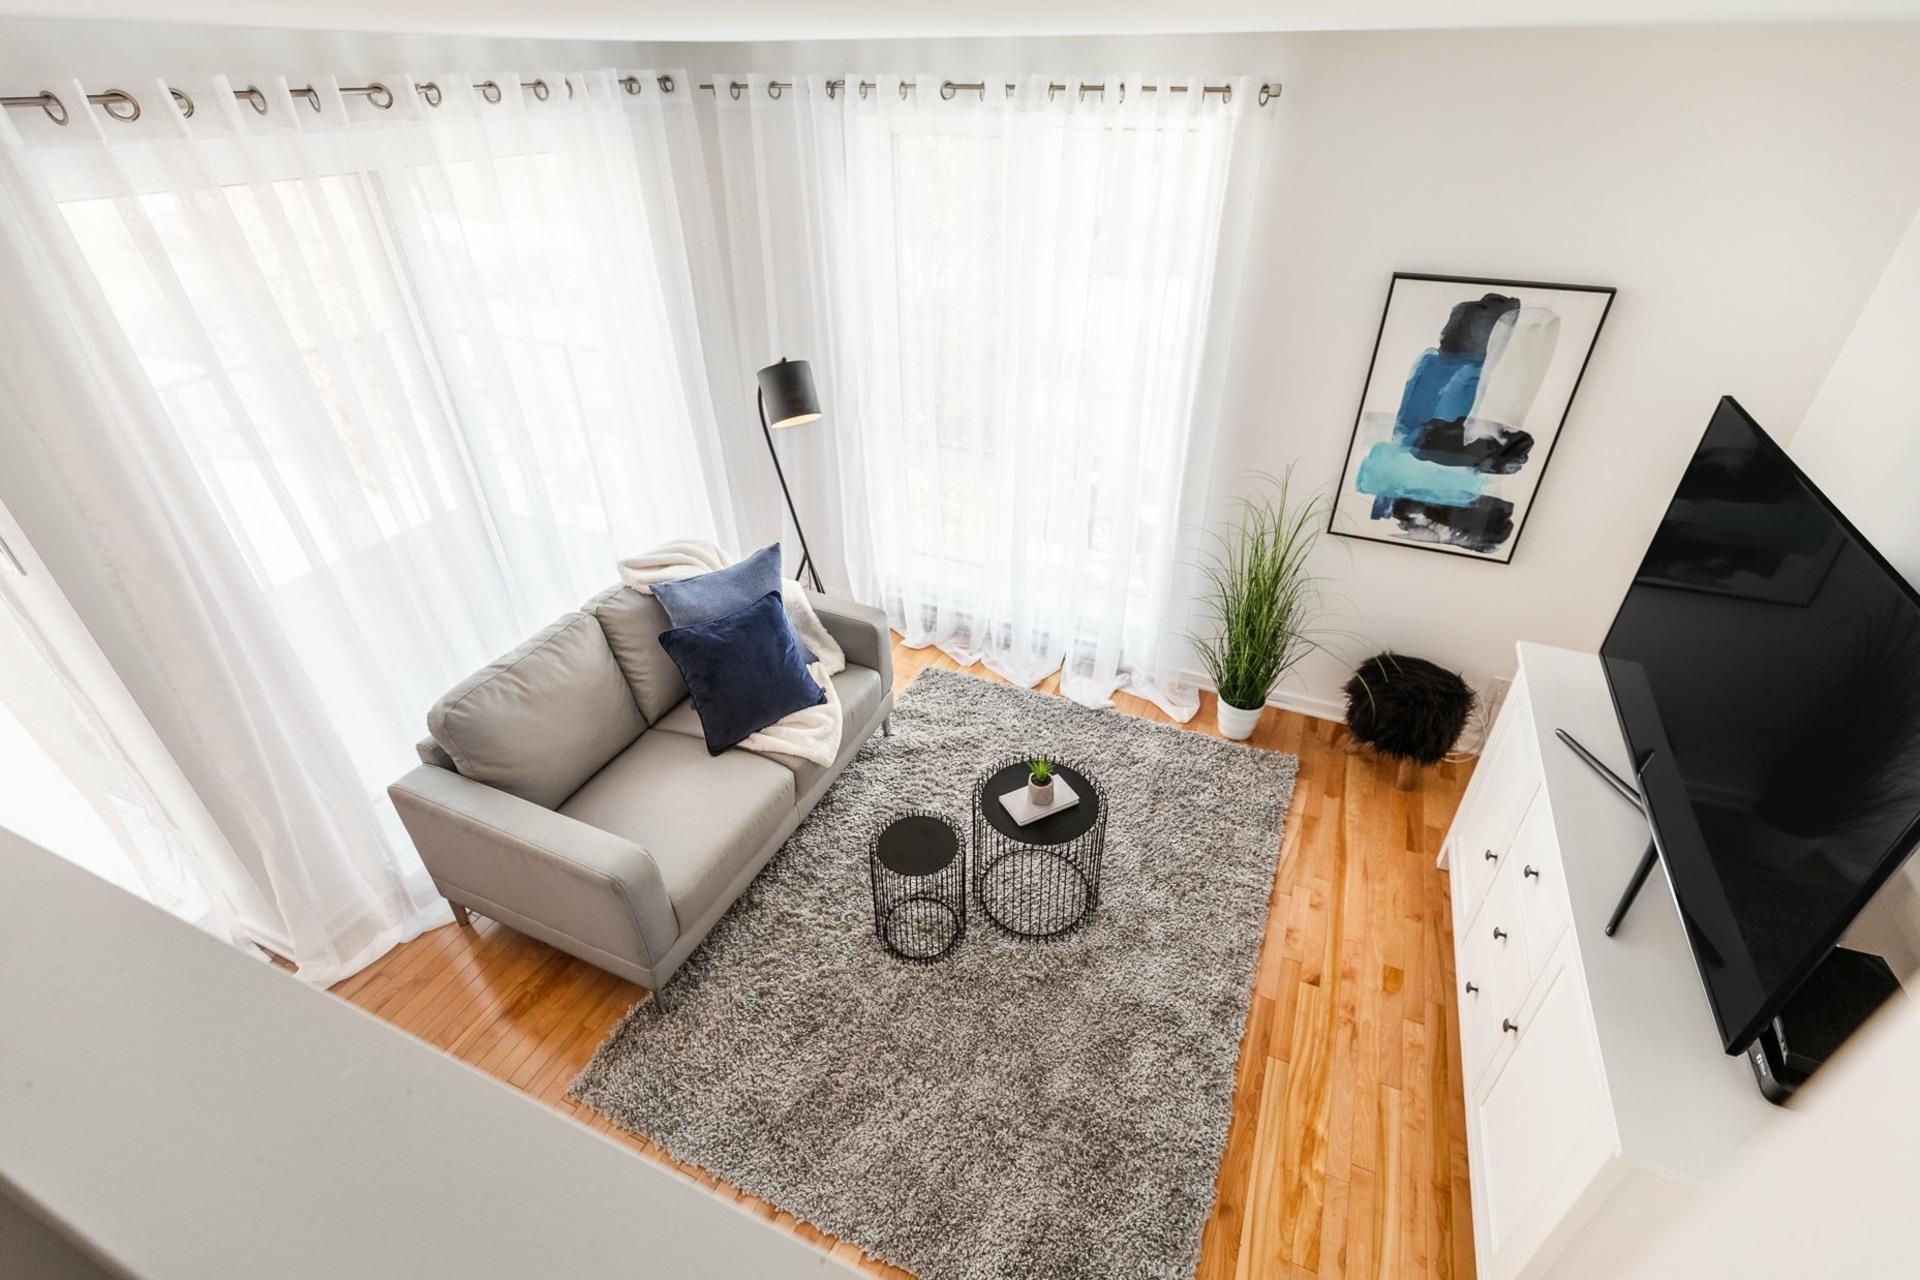 image 5 - Appartement À vendre Mercier/Hochelaga-Maisonneuve Montréal  - 6 pièces